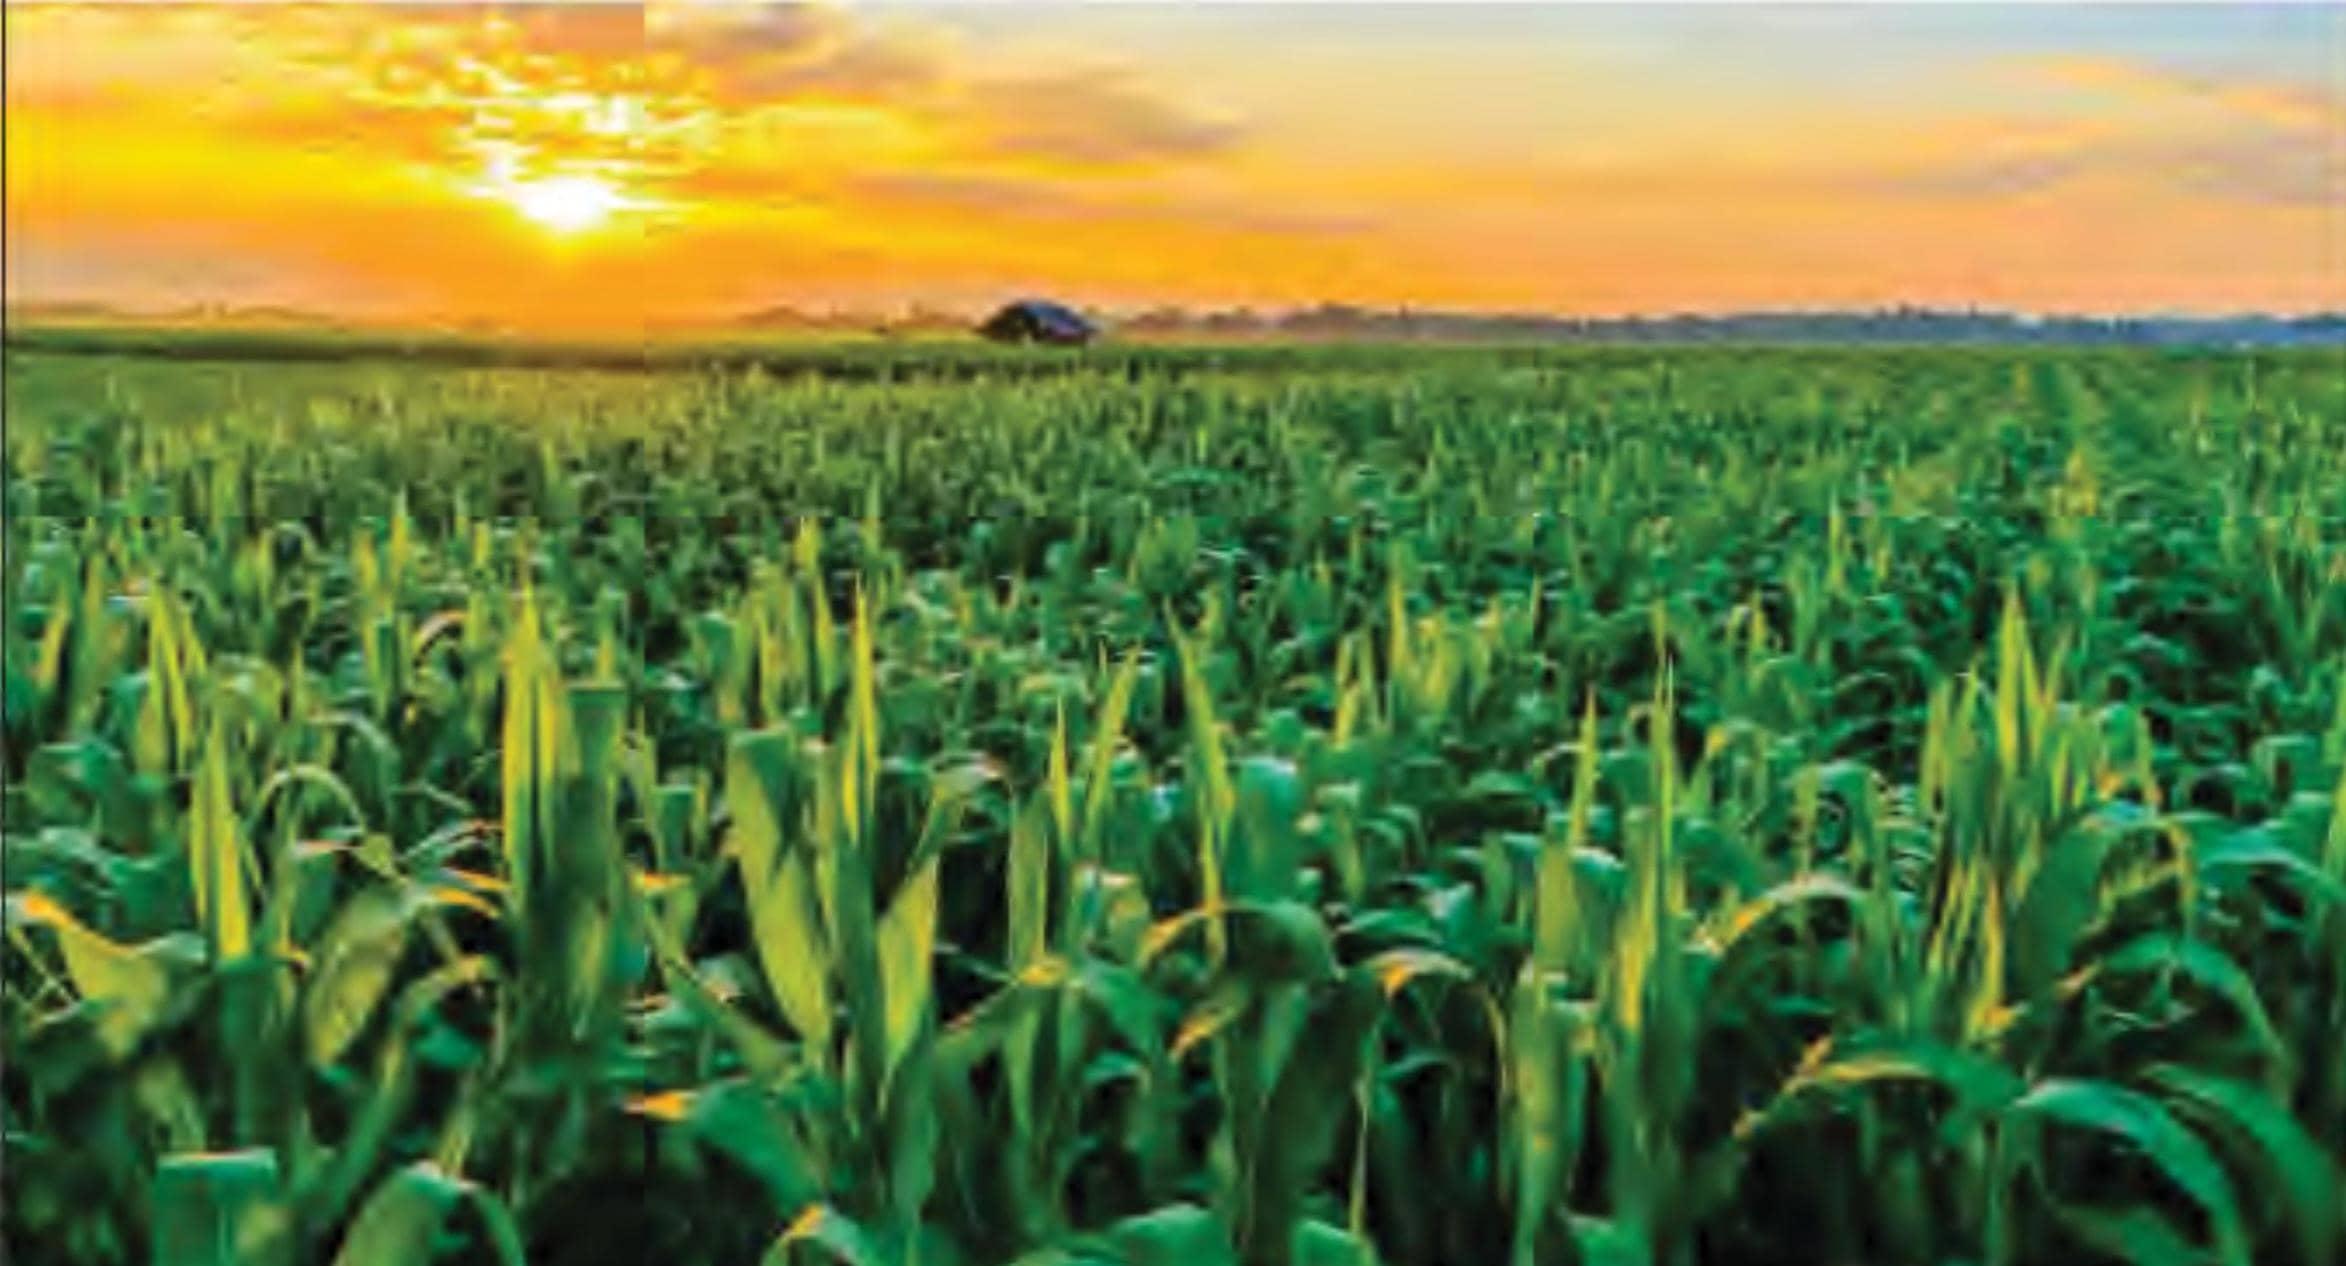 क्या भारत फिर कृषि प्रधान बनेगा?